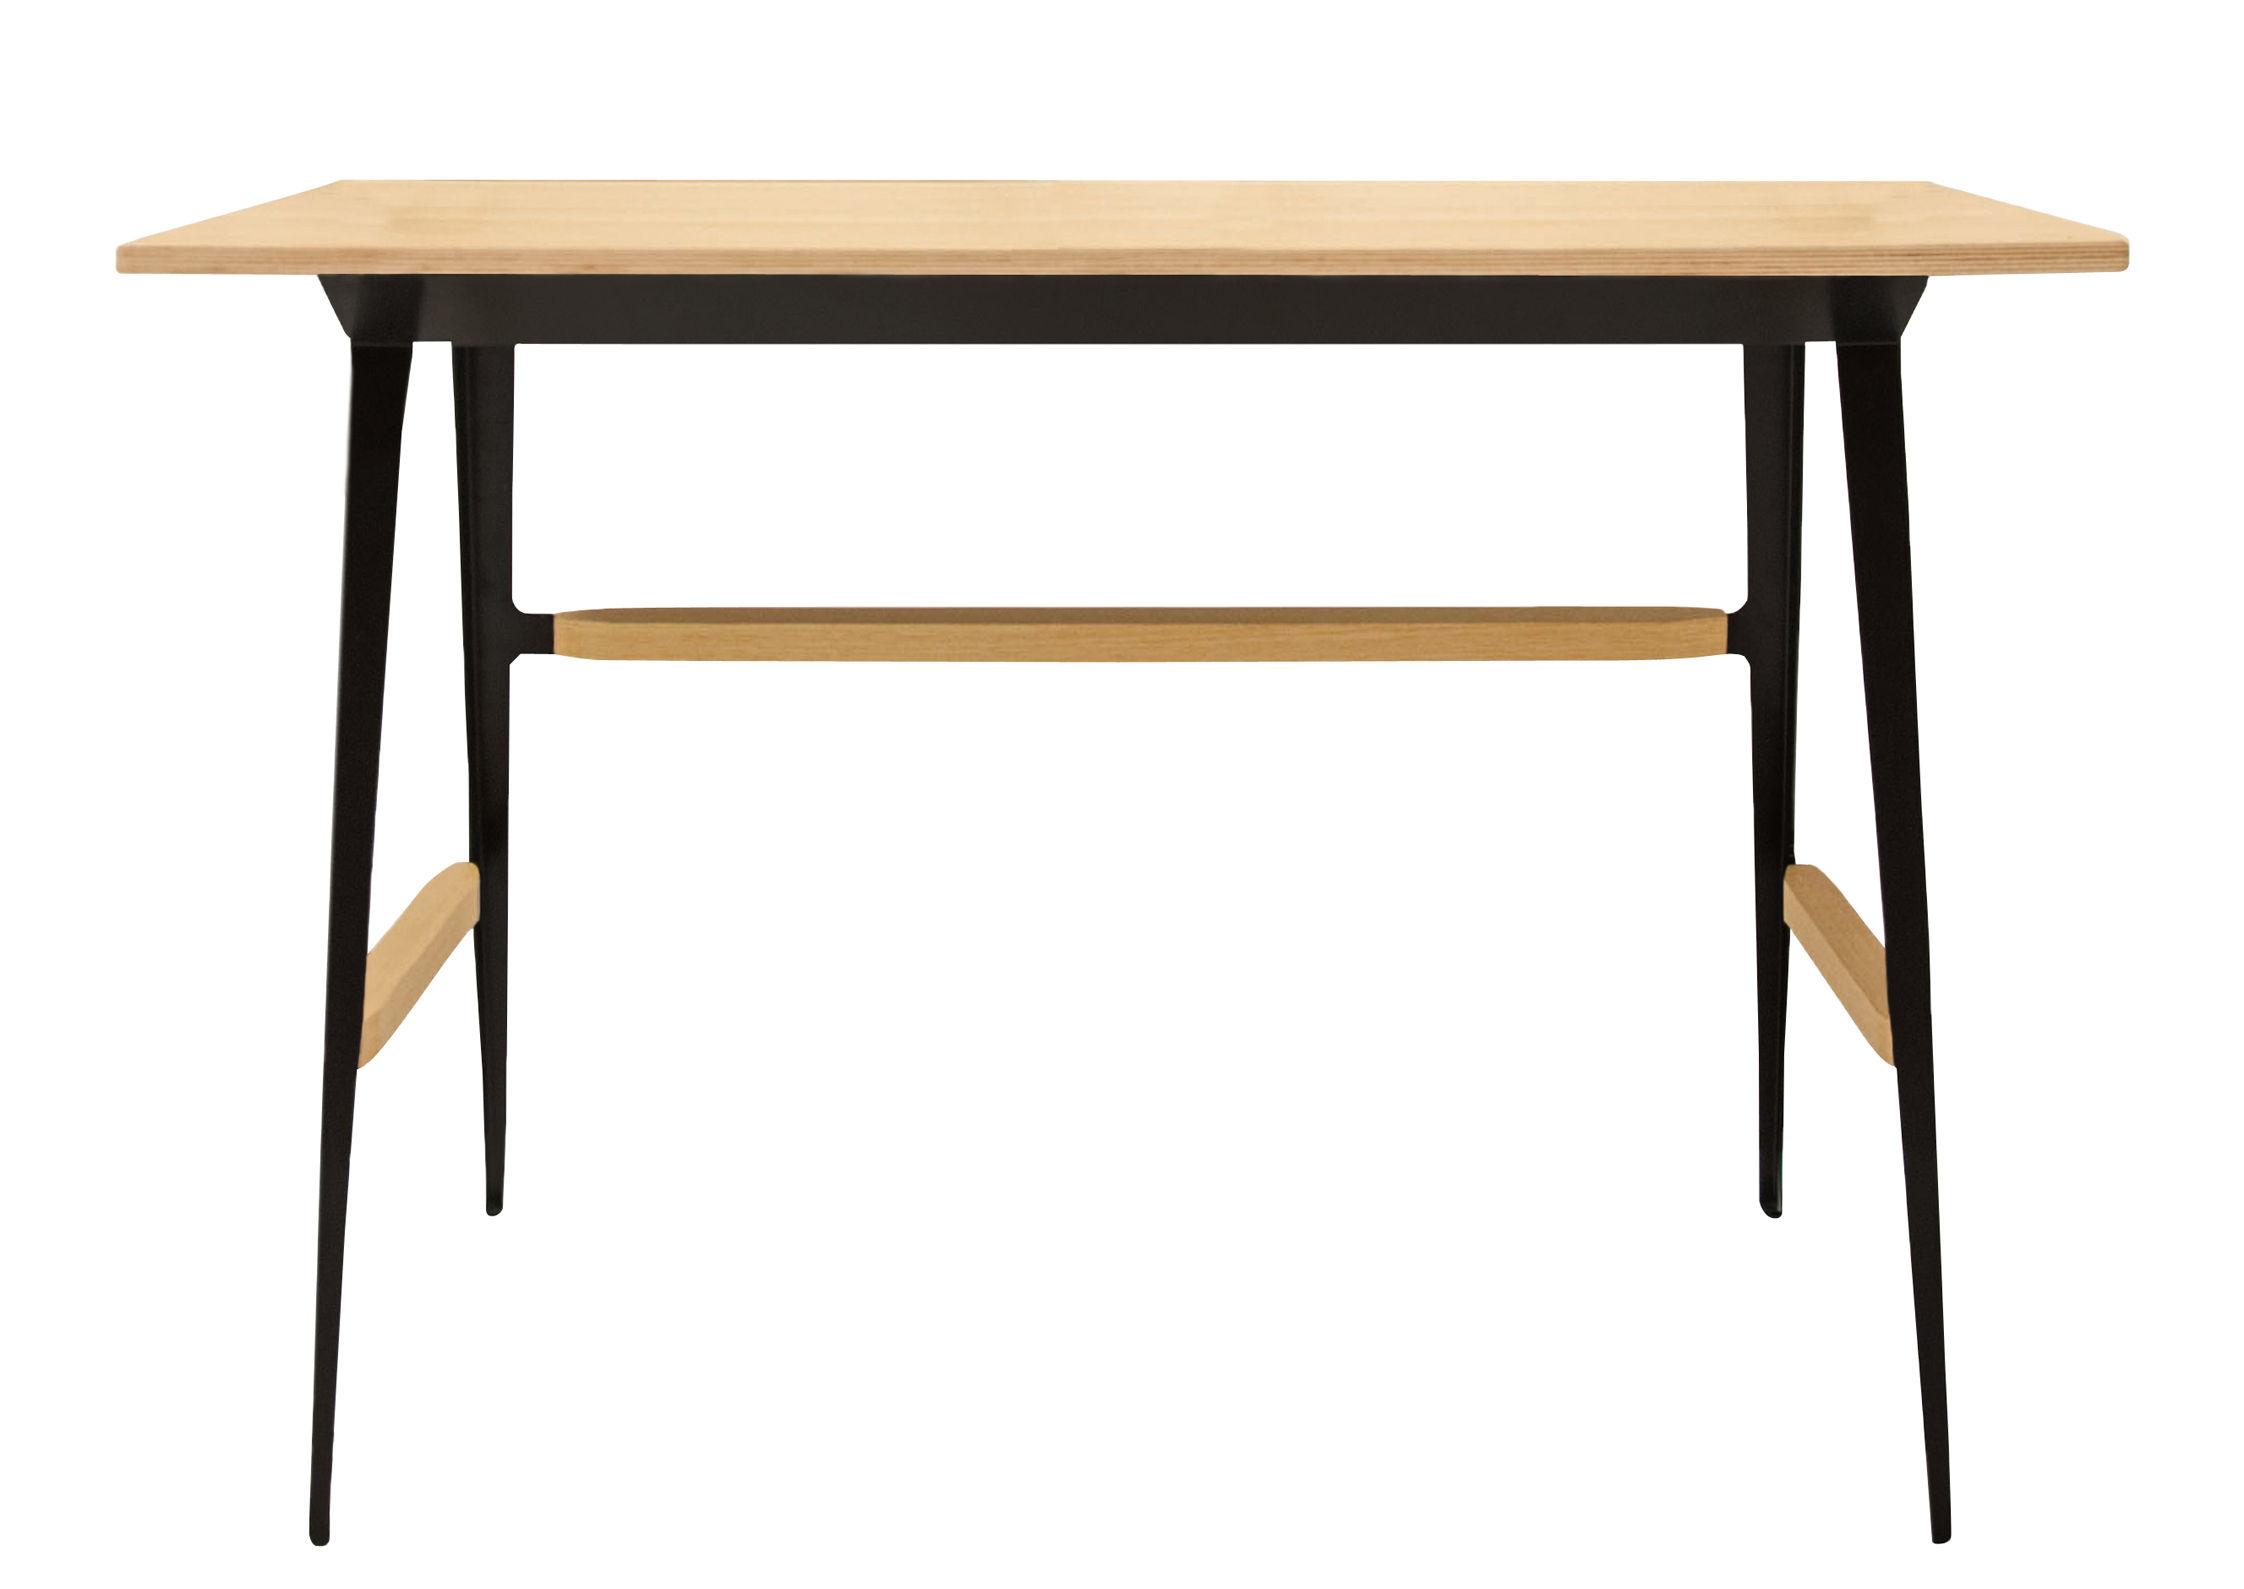 Arredamento - Mobili da ufficio - Scrivania Portable Atelier / Moleskine - Driade - Scrivania legno & nero - Acciaio laccato, Compensato di betulla